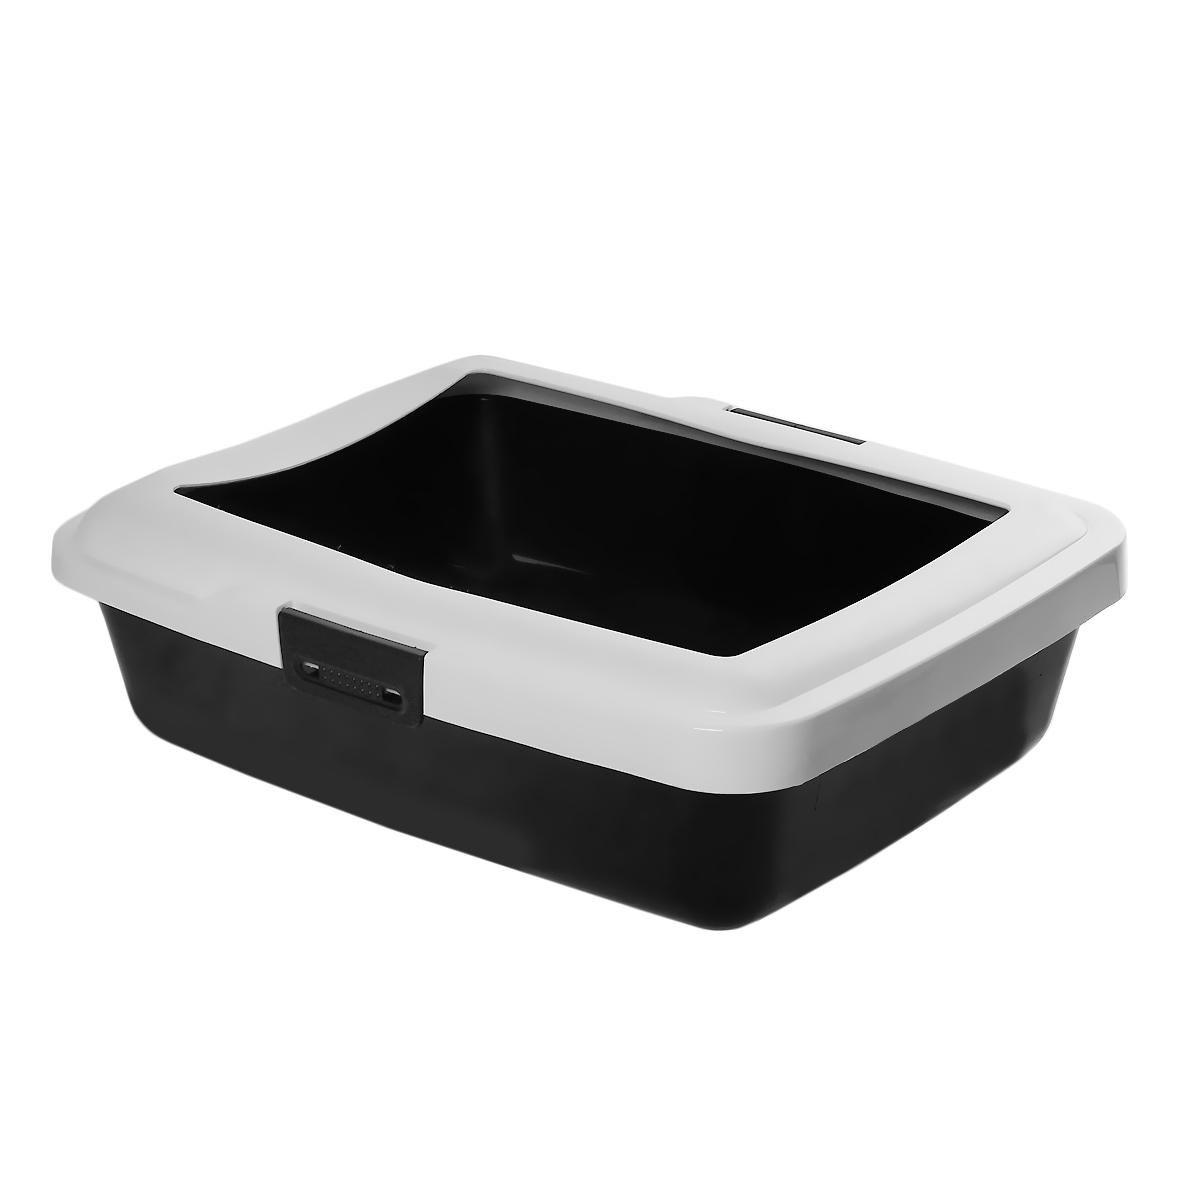 Туалет для кошек Savic Aristos Large, с бортом, цвет: черный, белый, 49,5 см х 39,5 см х 15 см12171996Туалет для кошек Savic Aristos Large изготовлен из качественного прочного пластика. Высокий цветной борт, прикрепленный по периметру лотка замками, удобно защелкивается и предотвращает разбрасывание наполнителя.Это самый простой в употреблении предмет обихода для кошек и котов.